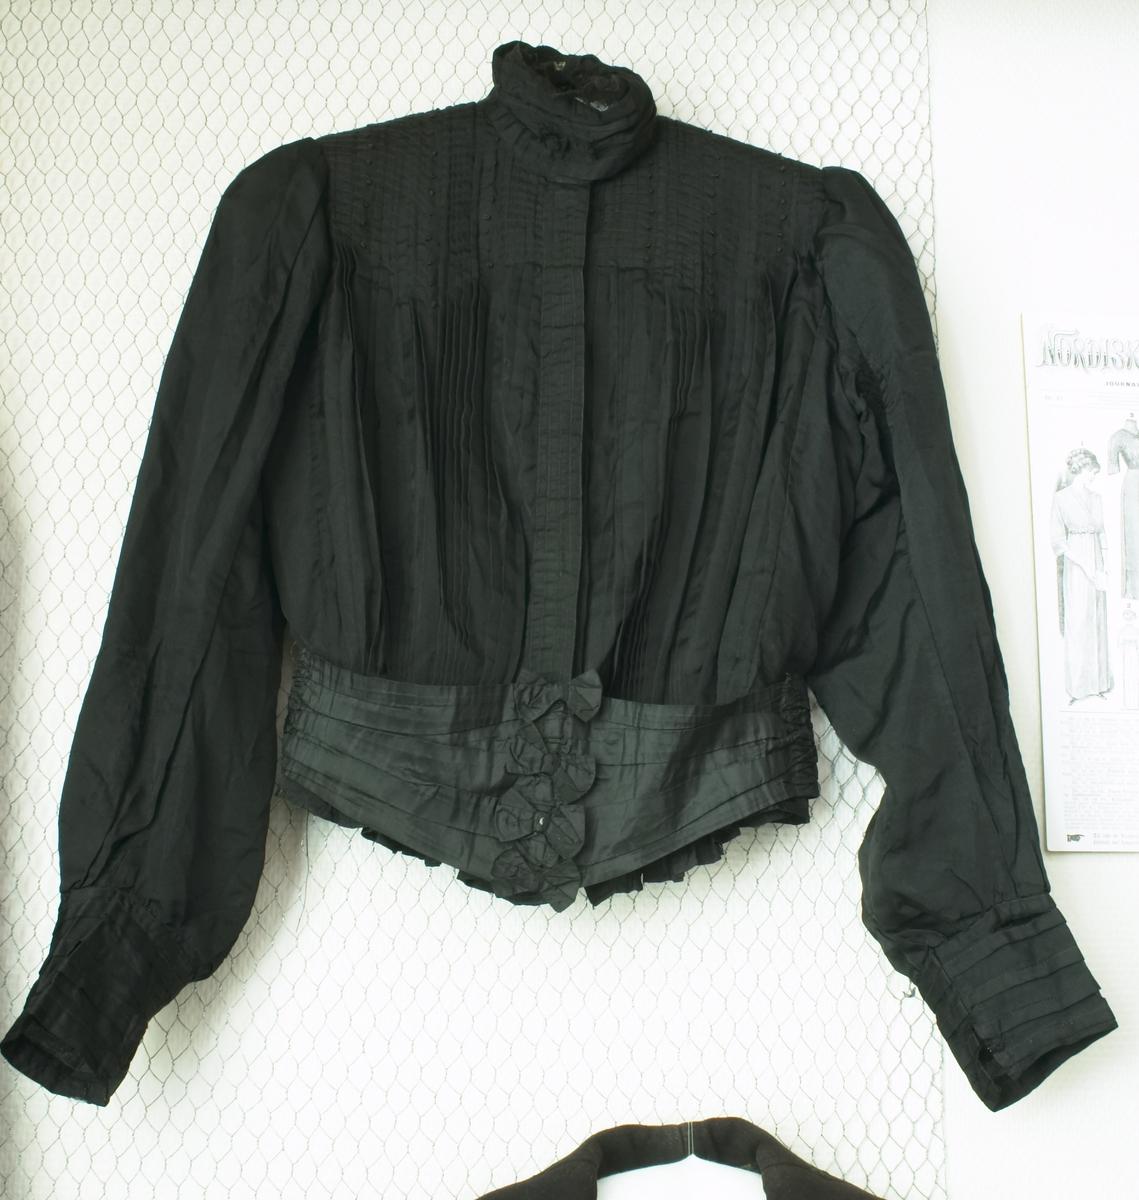 En svart silkebluse med belte. Åse Tomine Torkildsdatter Sjølingsatd har eid blusa og lua.